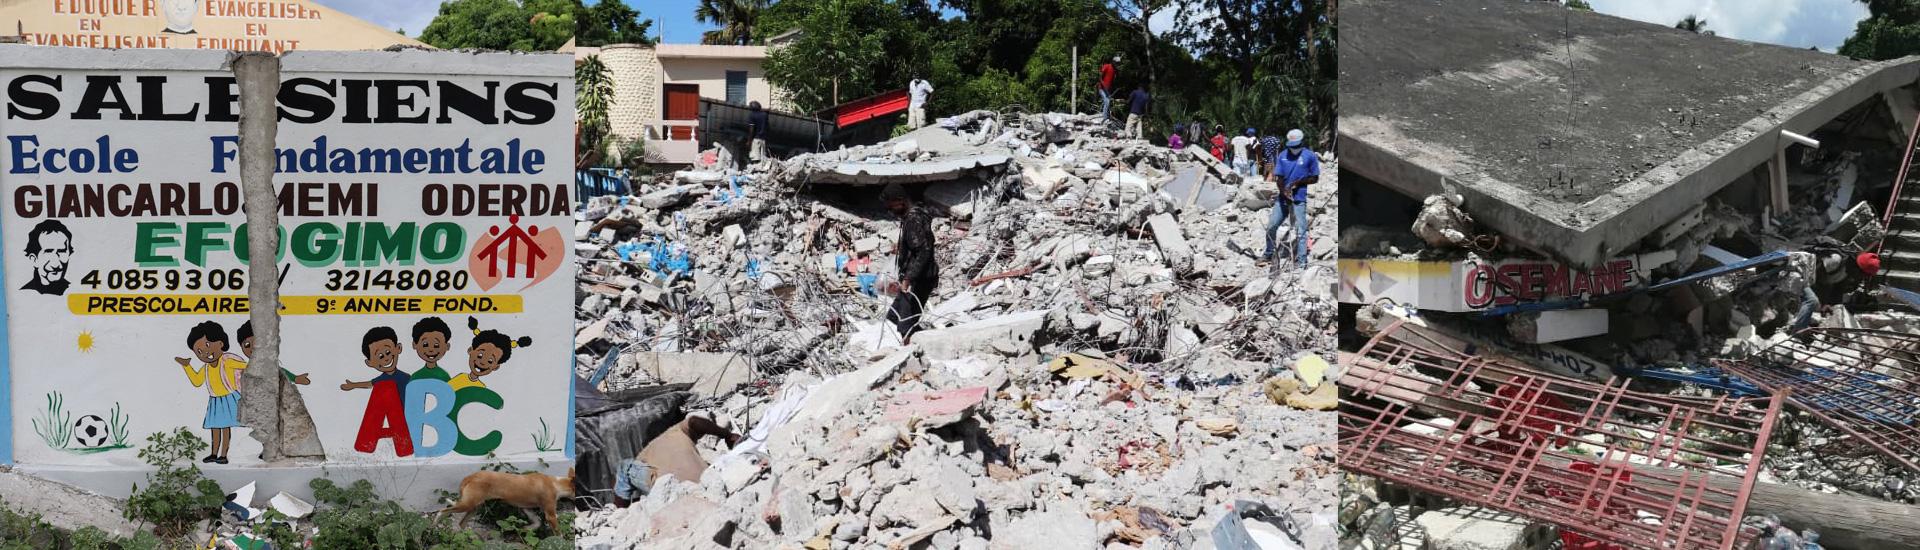 La ayuda de emergencia salesiana empieza a repartirse entre los damnificados por el terremoto en Haití